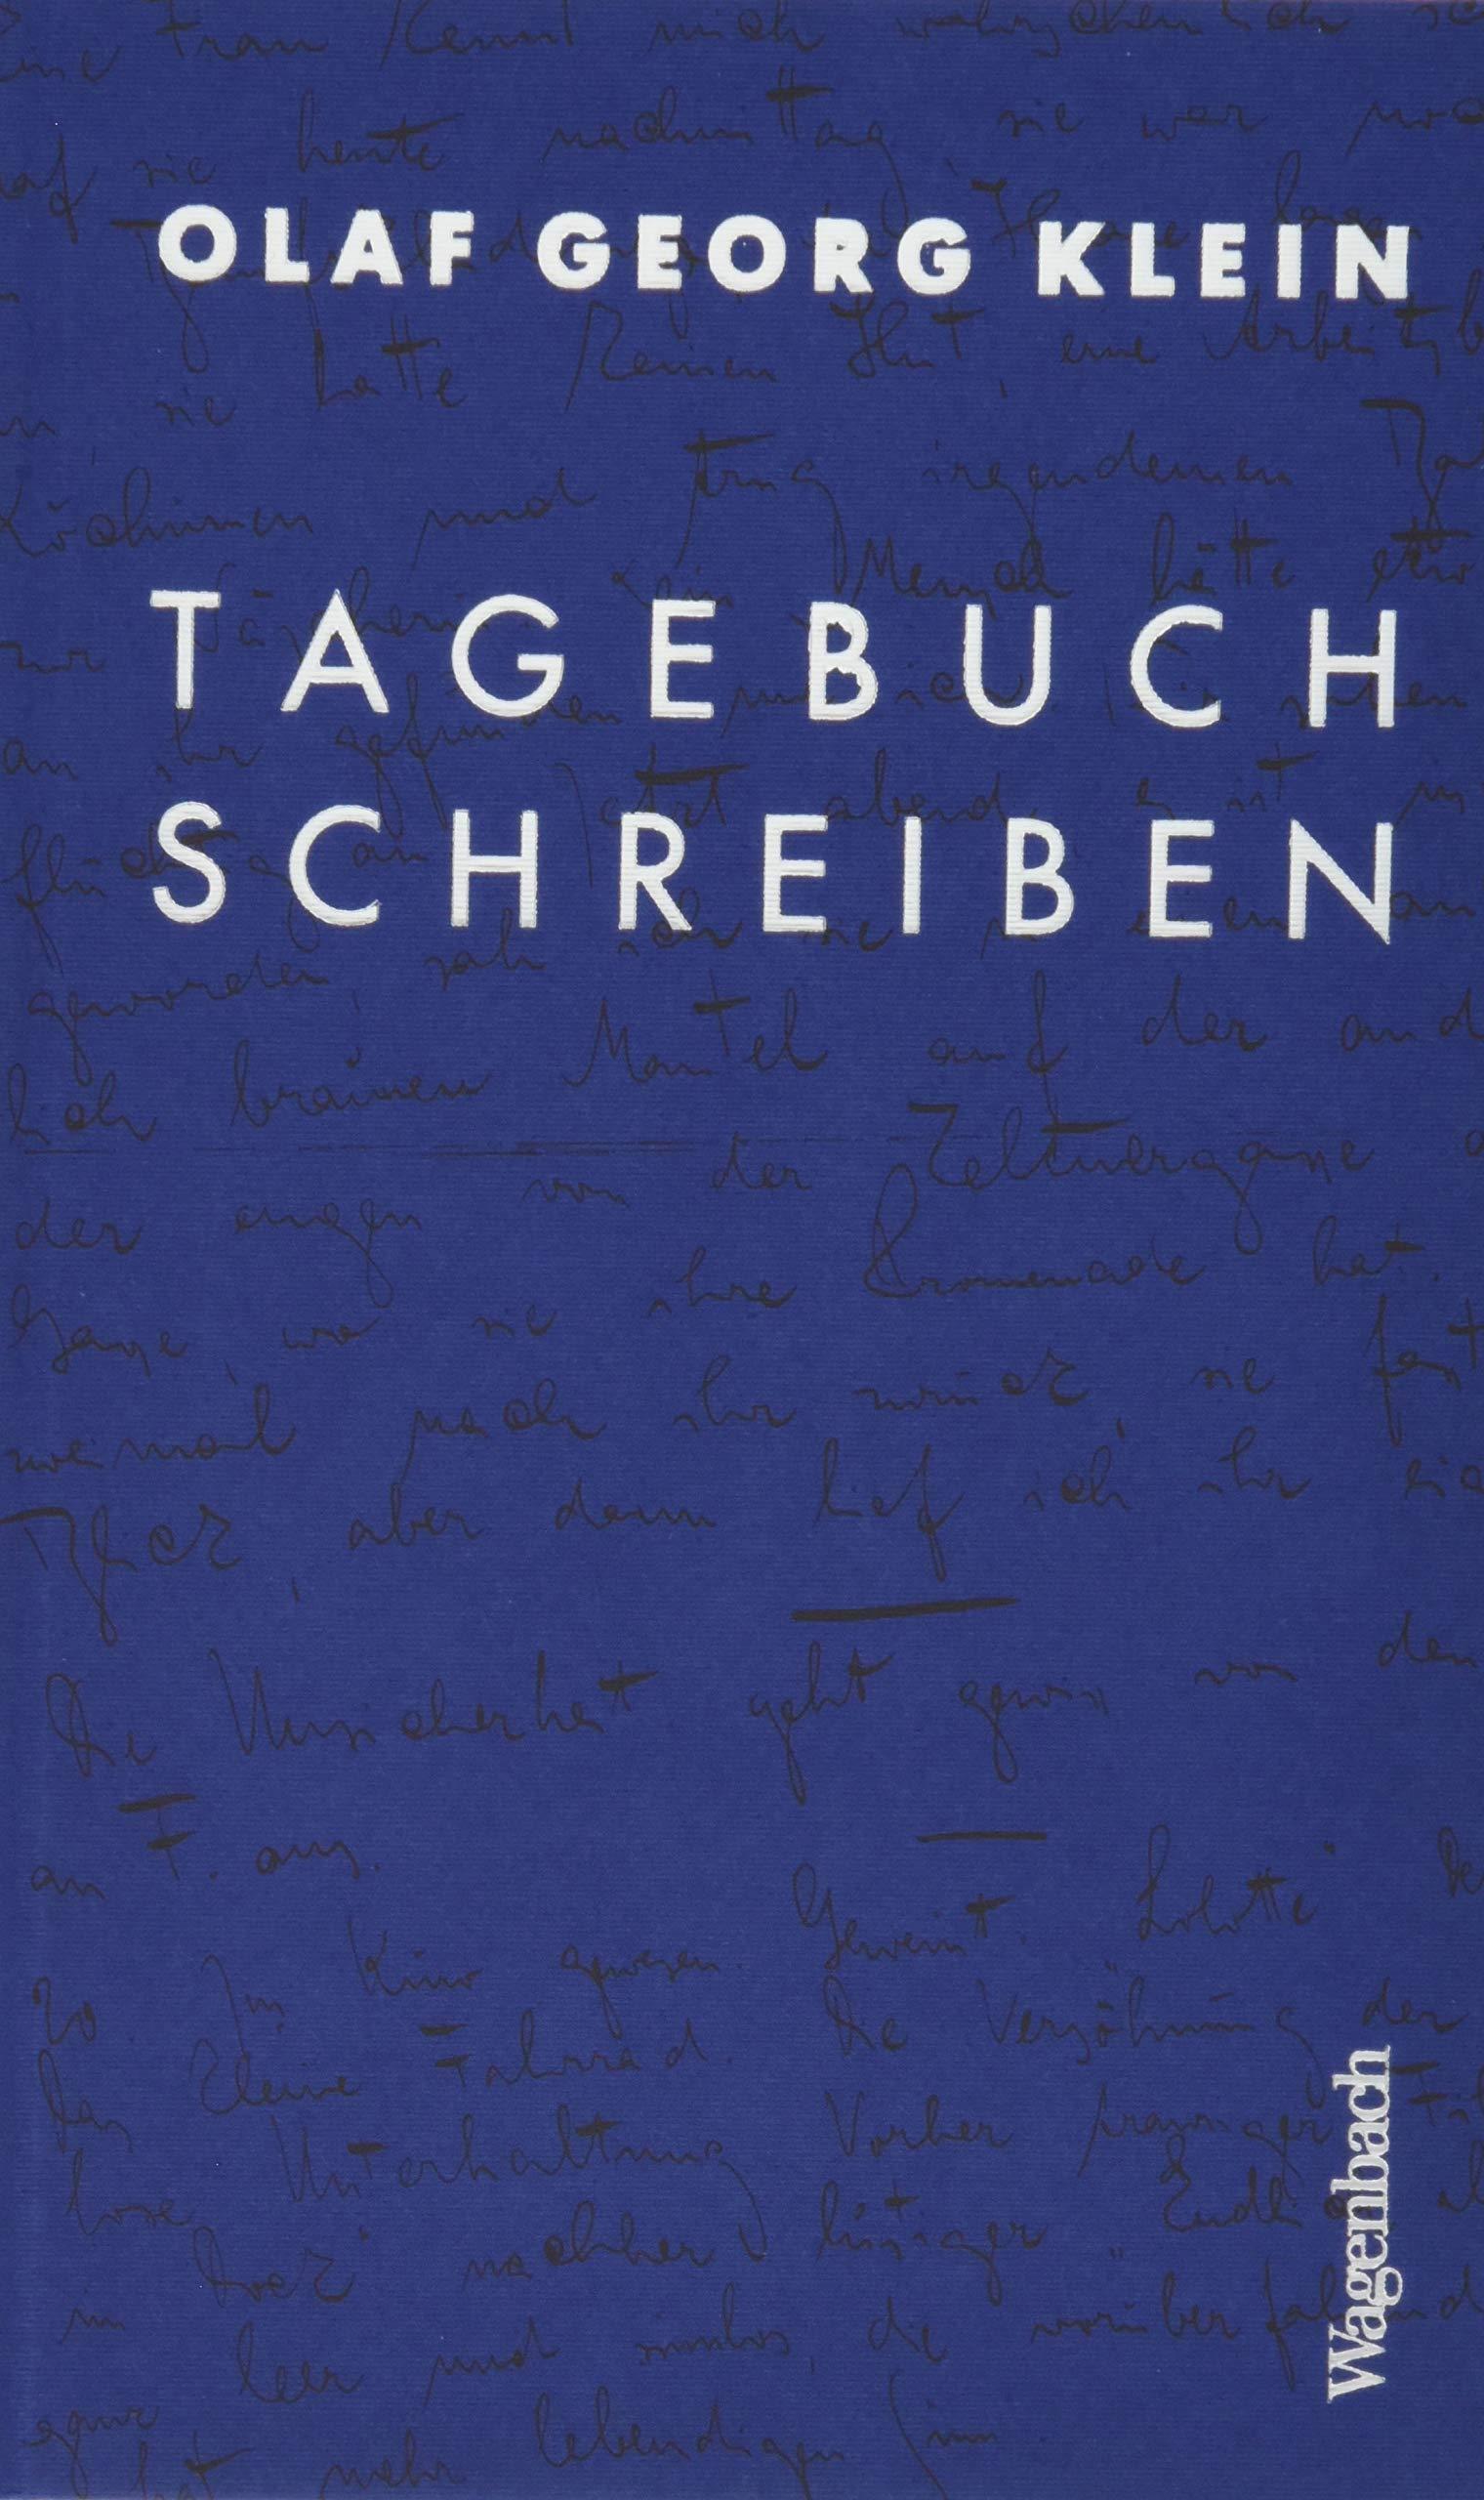 Tagebuchschreiben Gebundenes Buch – 20. September 2018 Olaf Georg Klein Wagenbach 3803136741 Ratgeber / Sonstiges